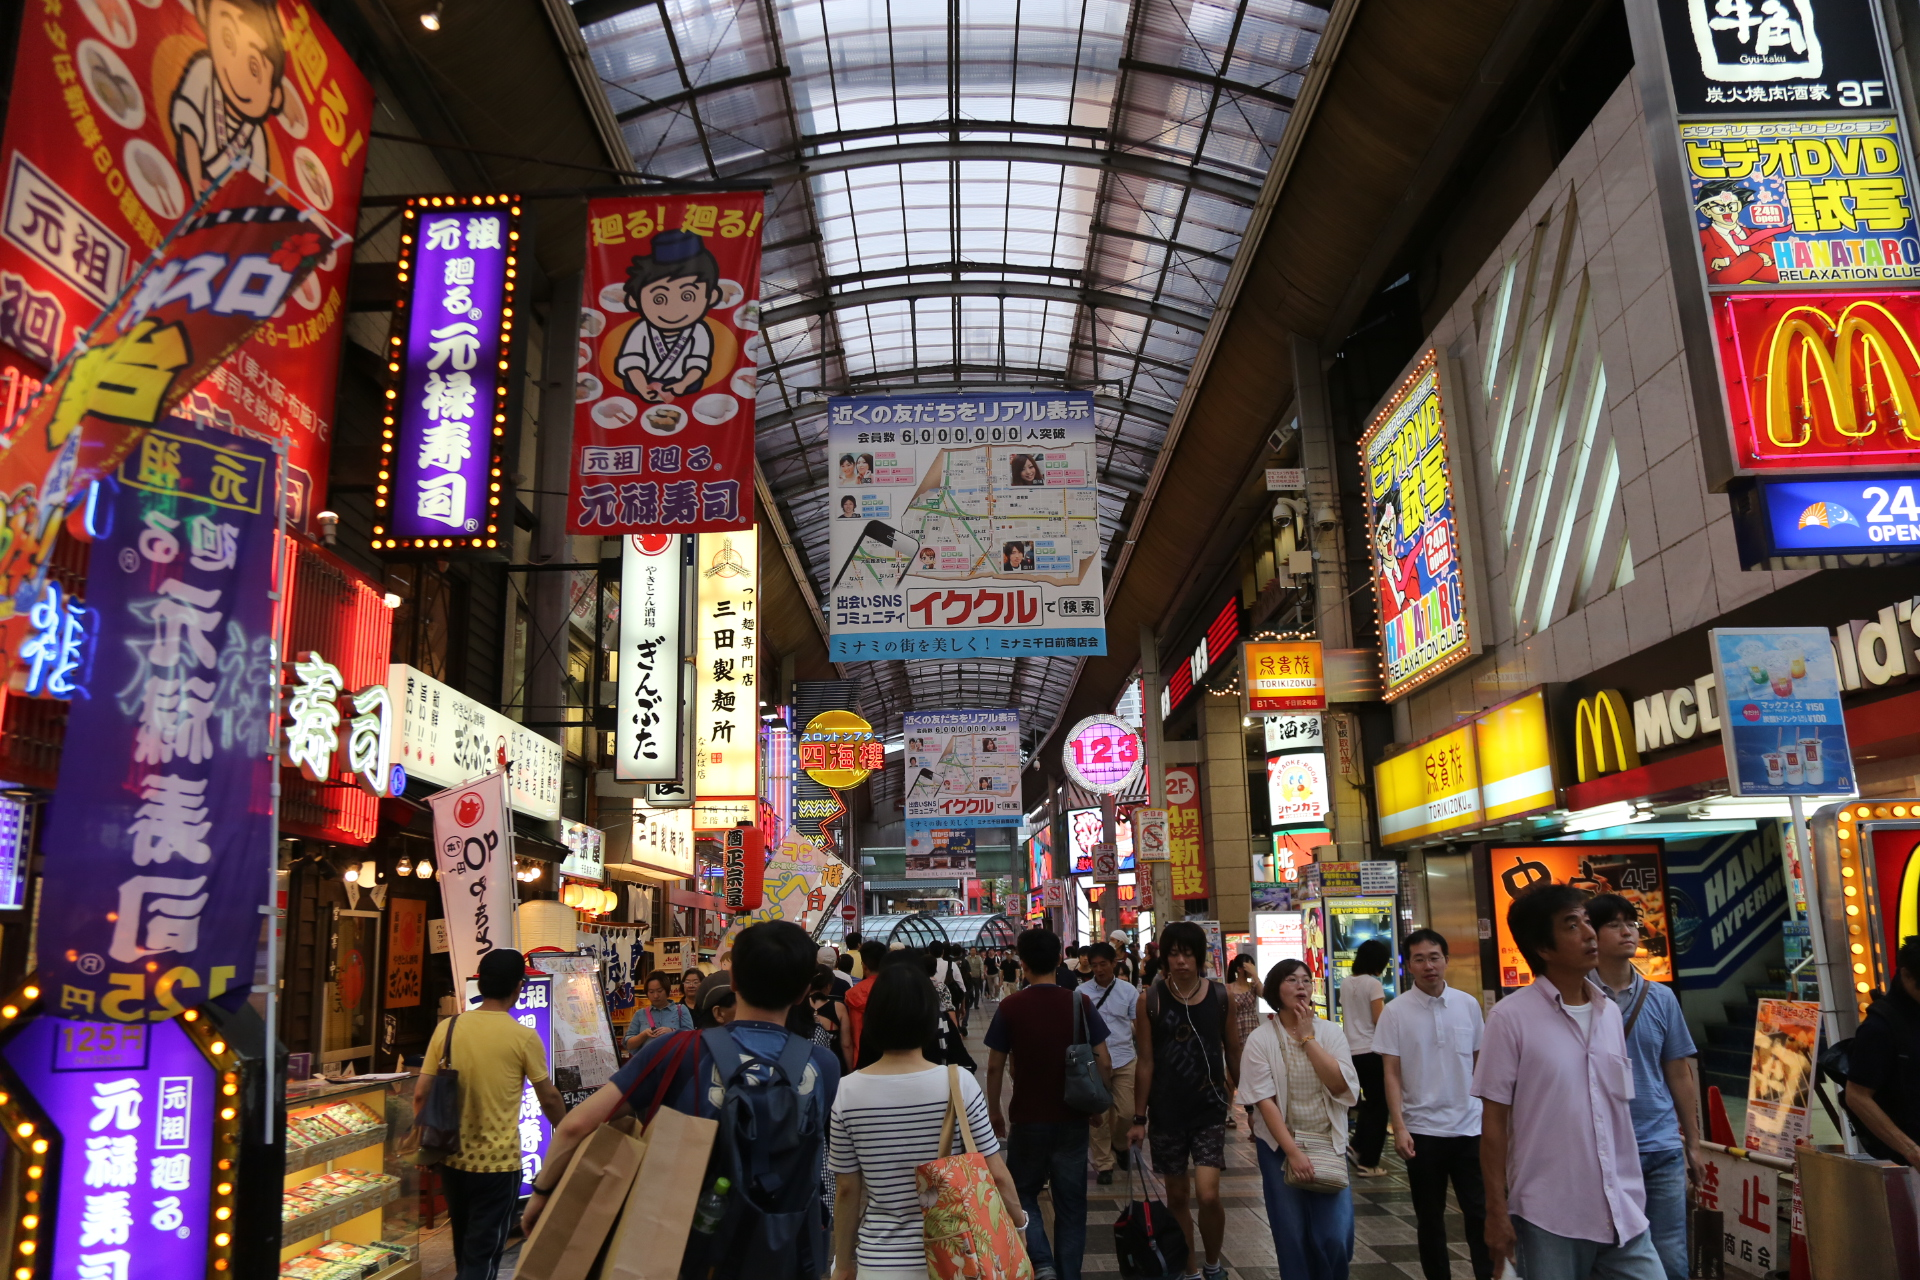 오사카 1일 승차권 (비지터스 티켓) 이미지